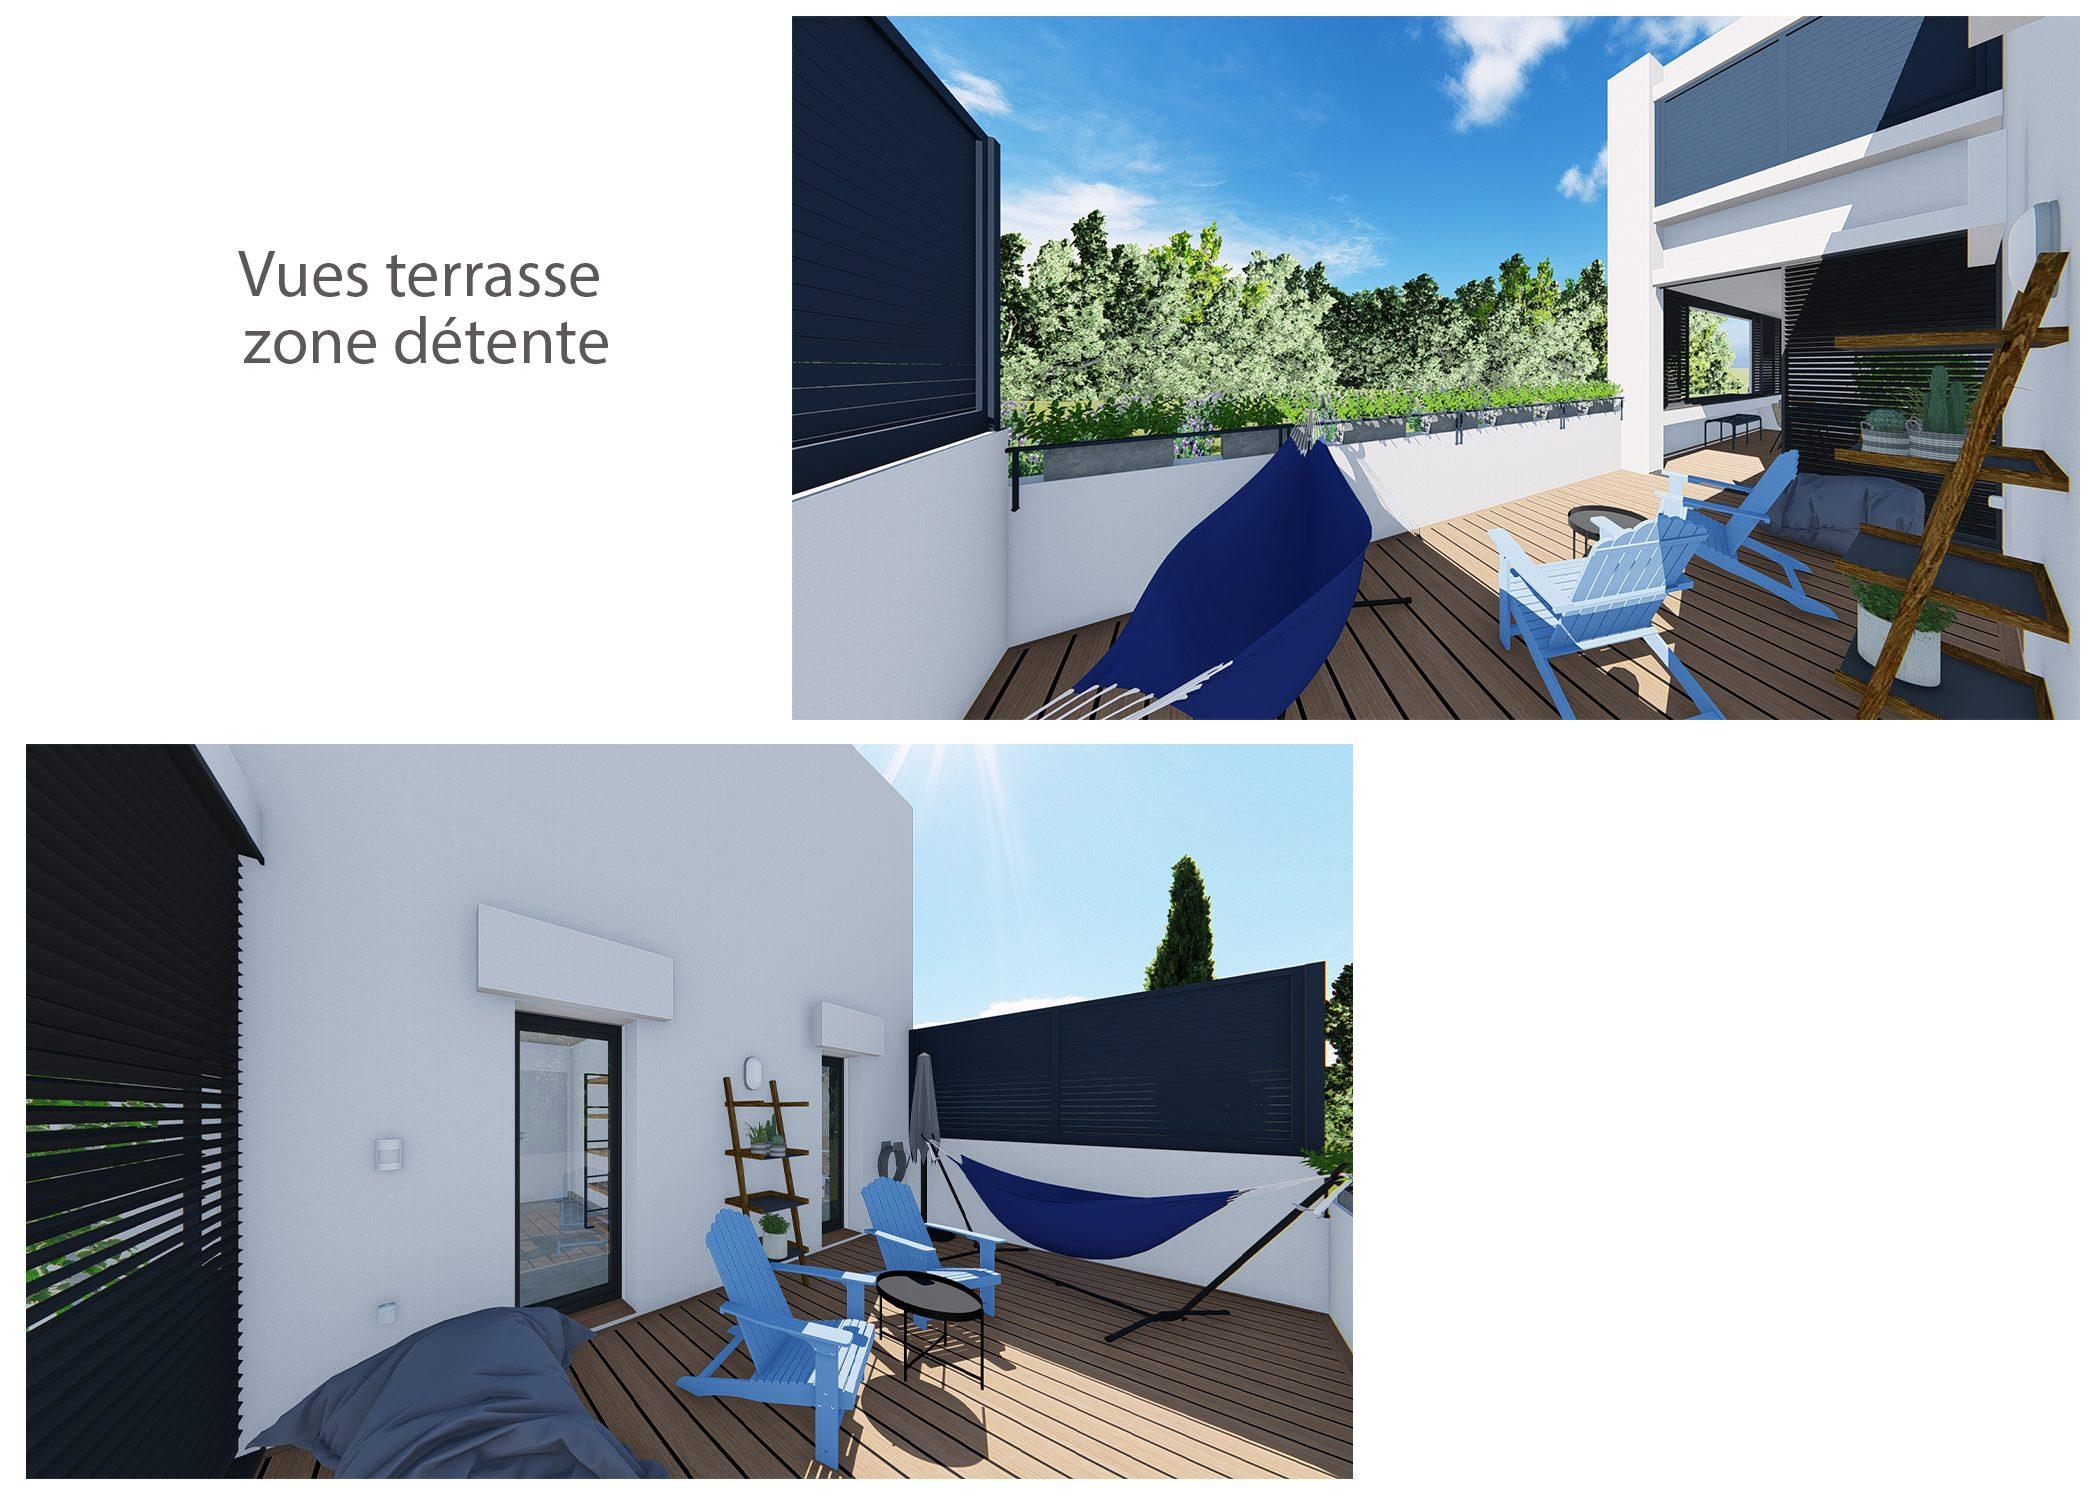 decoration-terrasse et chambre-vues terrasse detente-aix-en-provence-dekho design